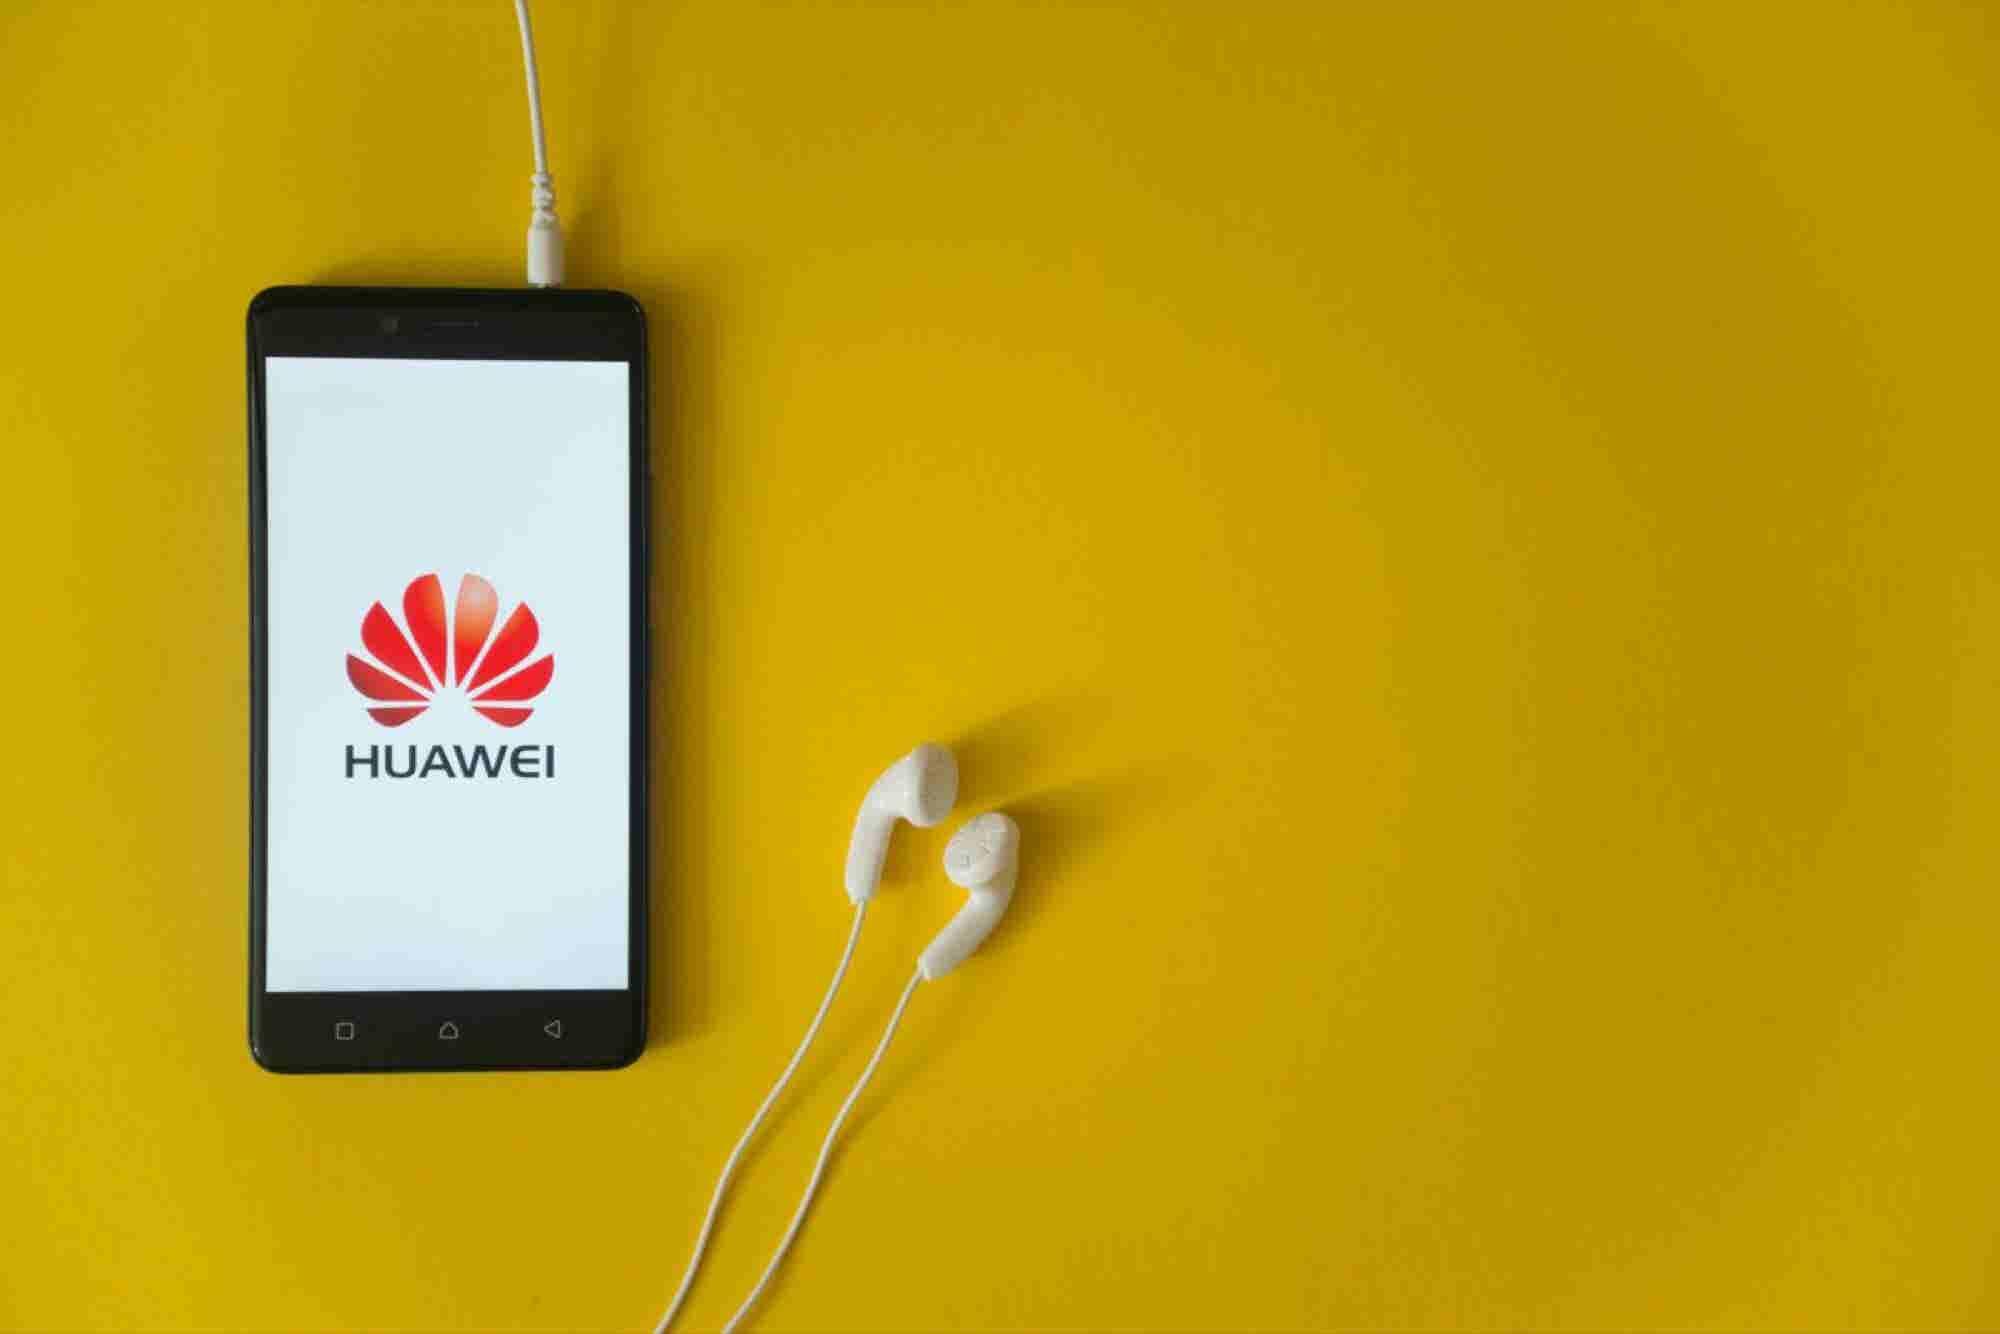 El emprendedor chino que fundó Huawei a los 44 años con solo 3 empleados